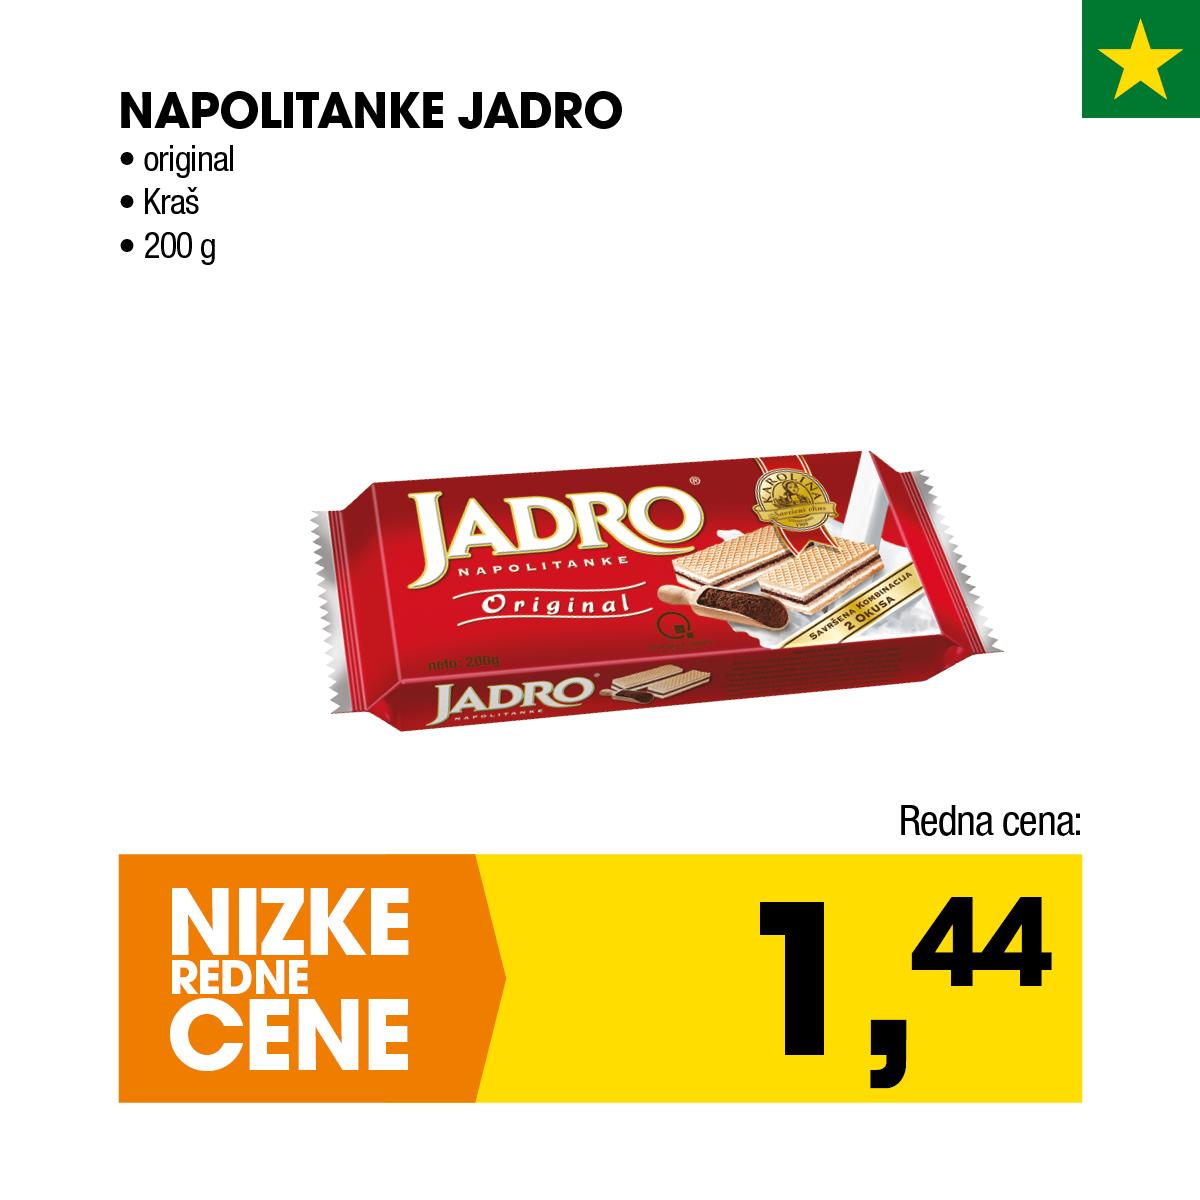 Nizke cene - Napolitanke Jadro